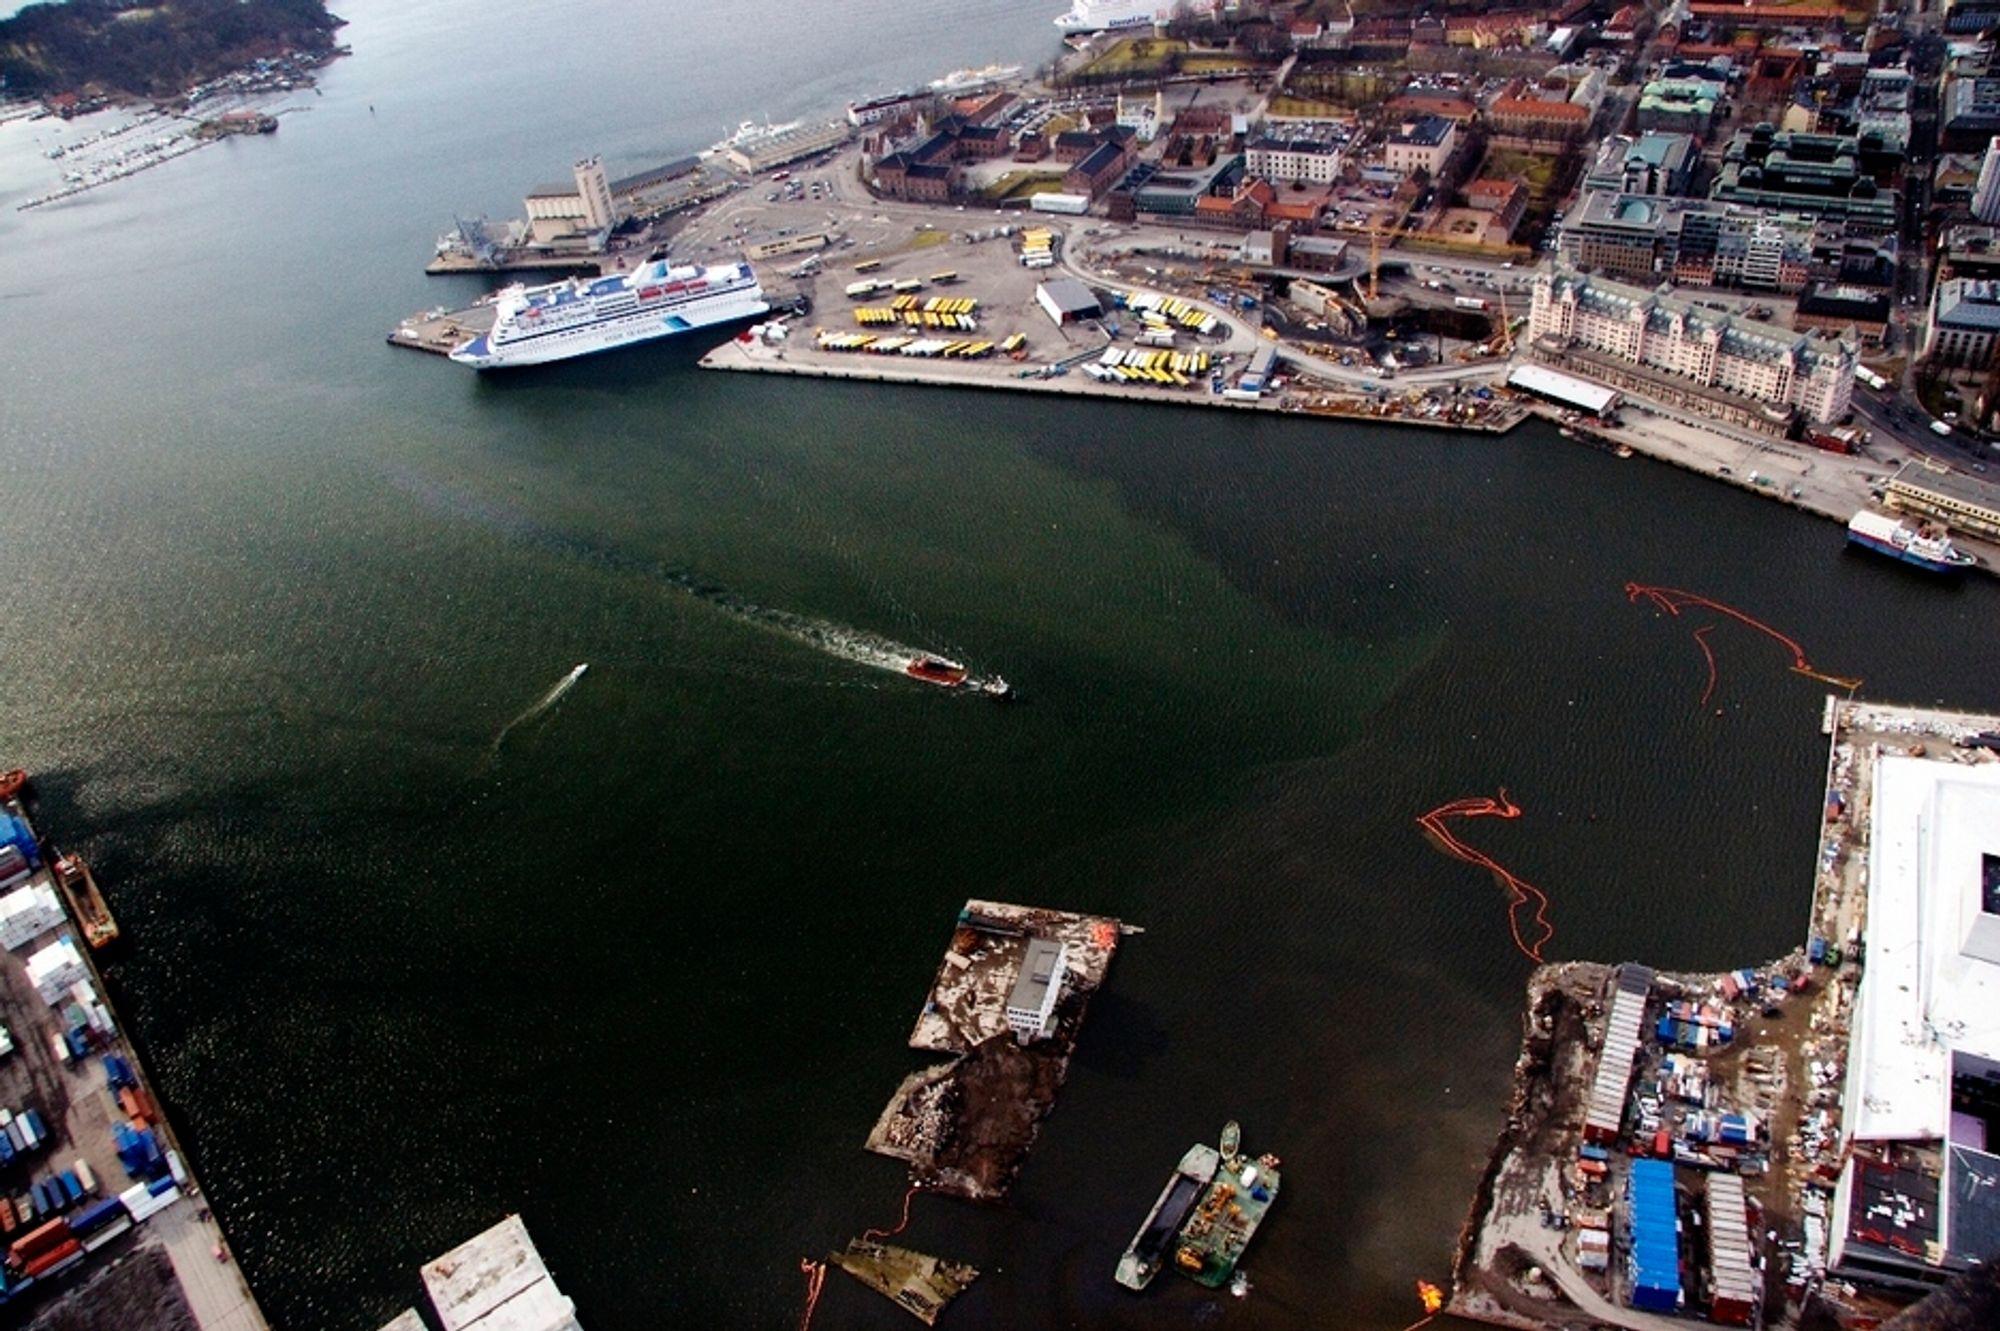 - Nå har Høyesterett i praksis renvasket Oslo Havn KF for alle anklager, sier styreleder Bernt Stilluf Karlsen.